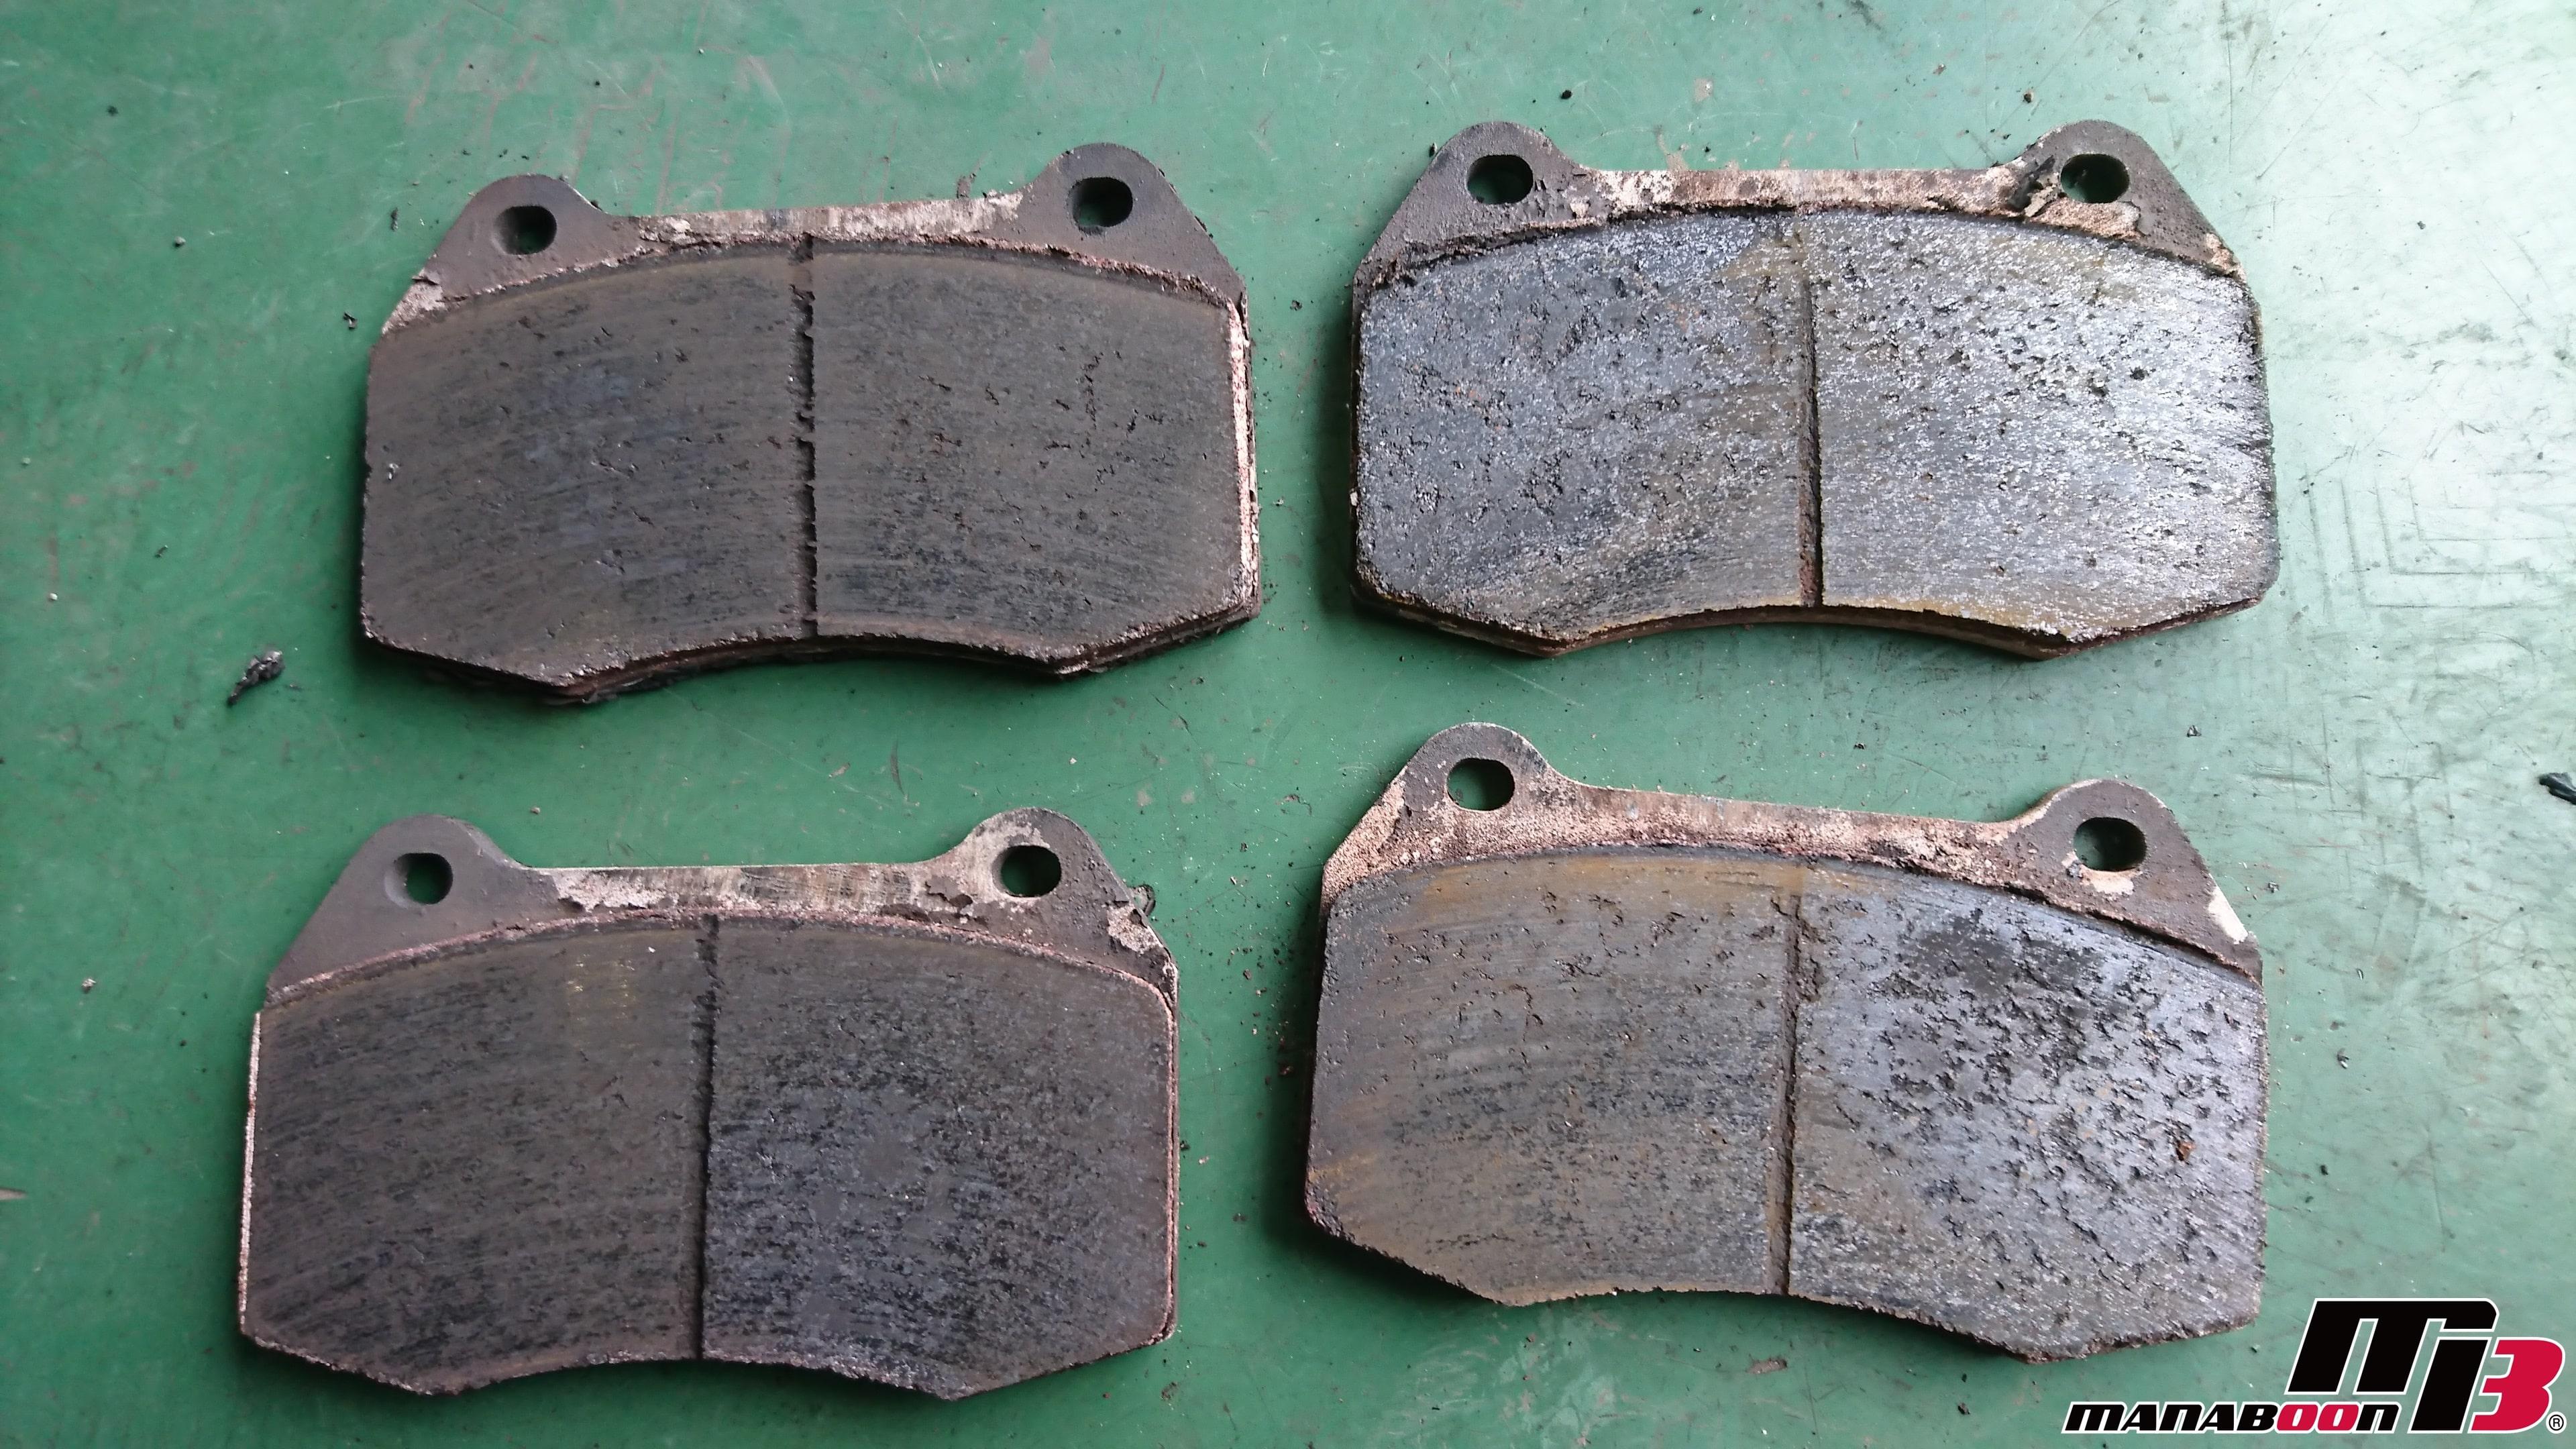 フェアレディZ(Z33)ブレーキパッド交換画像